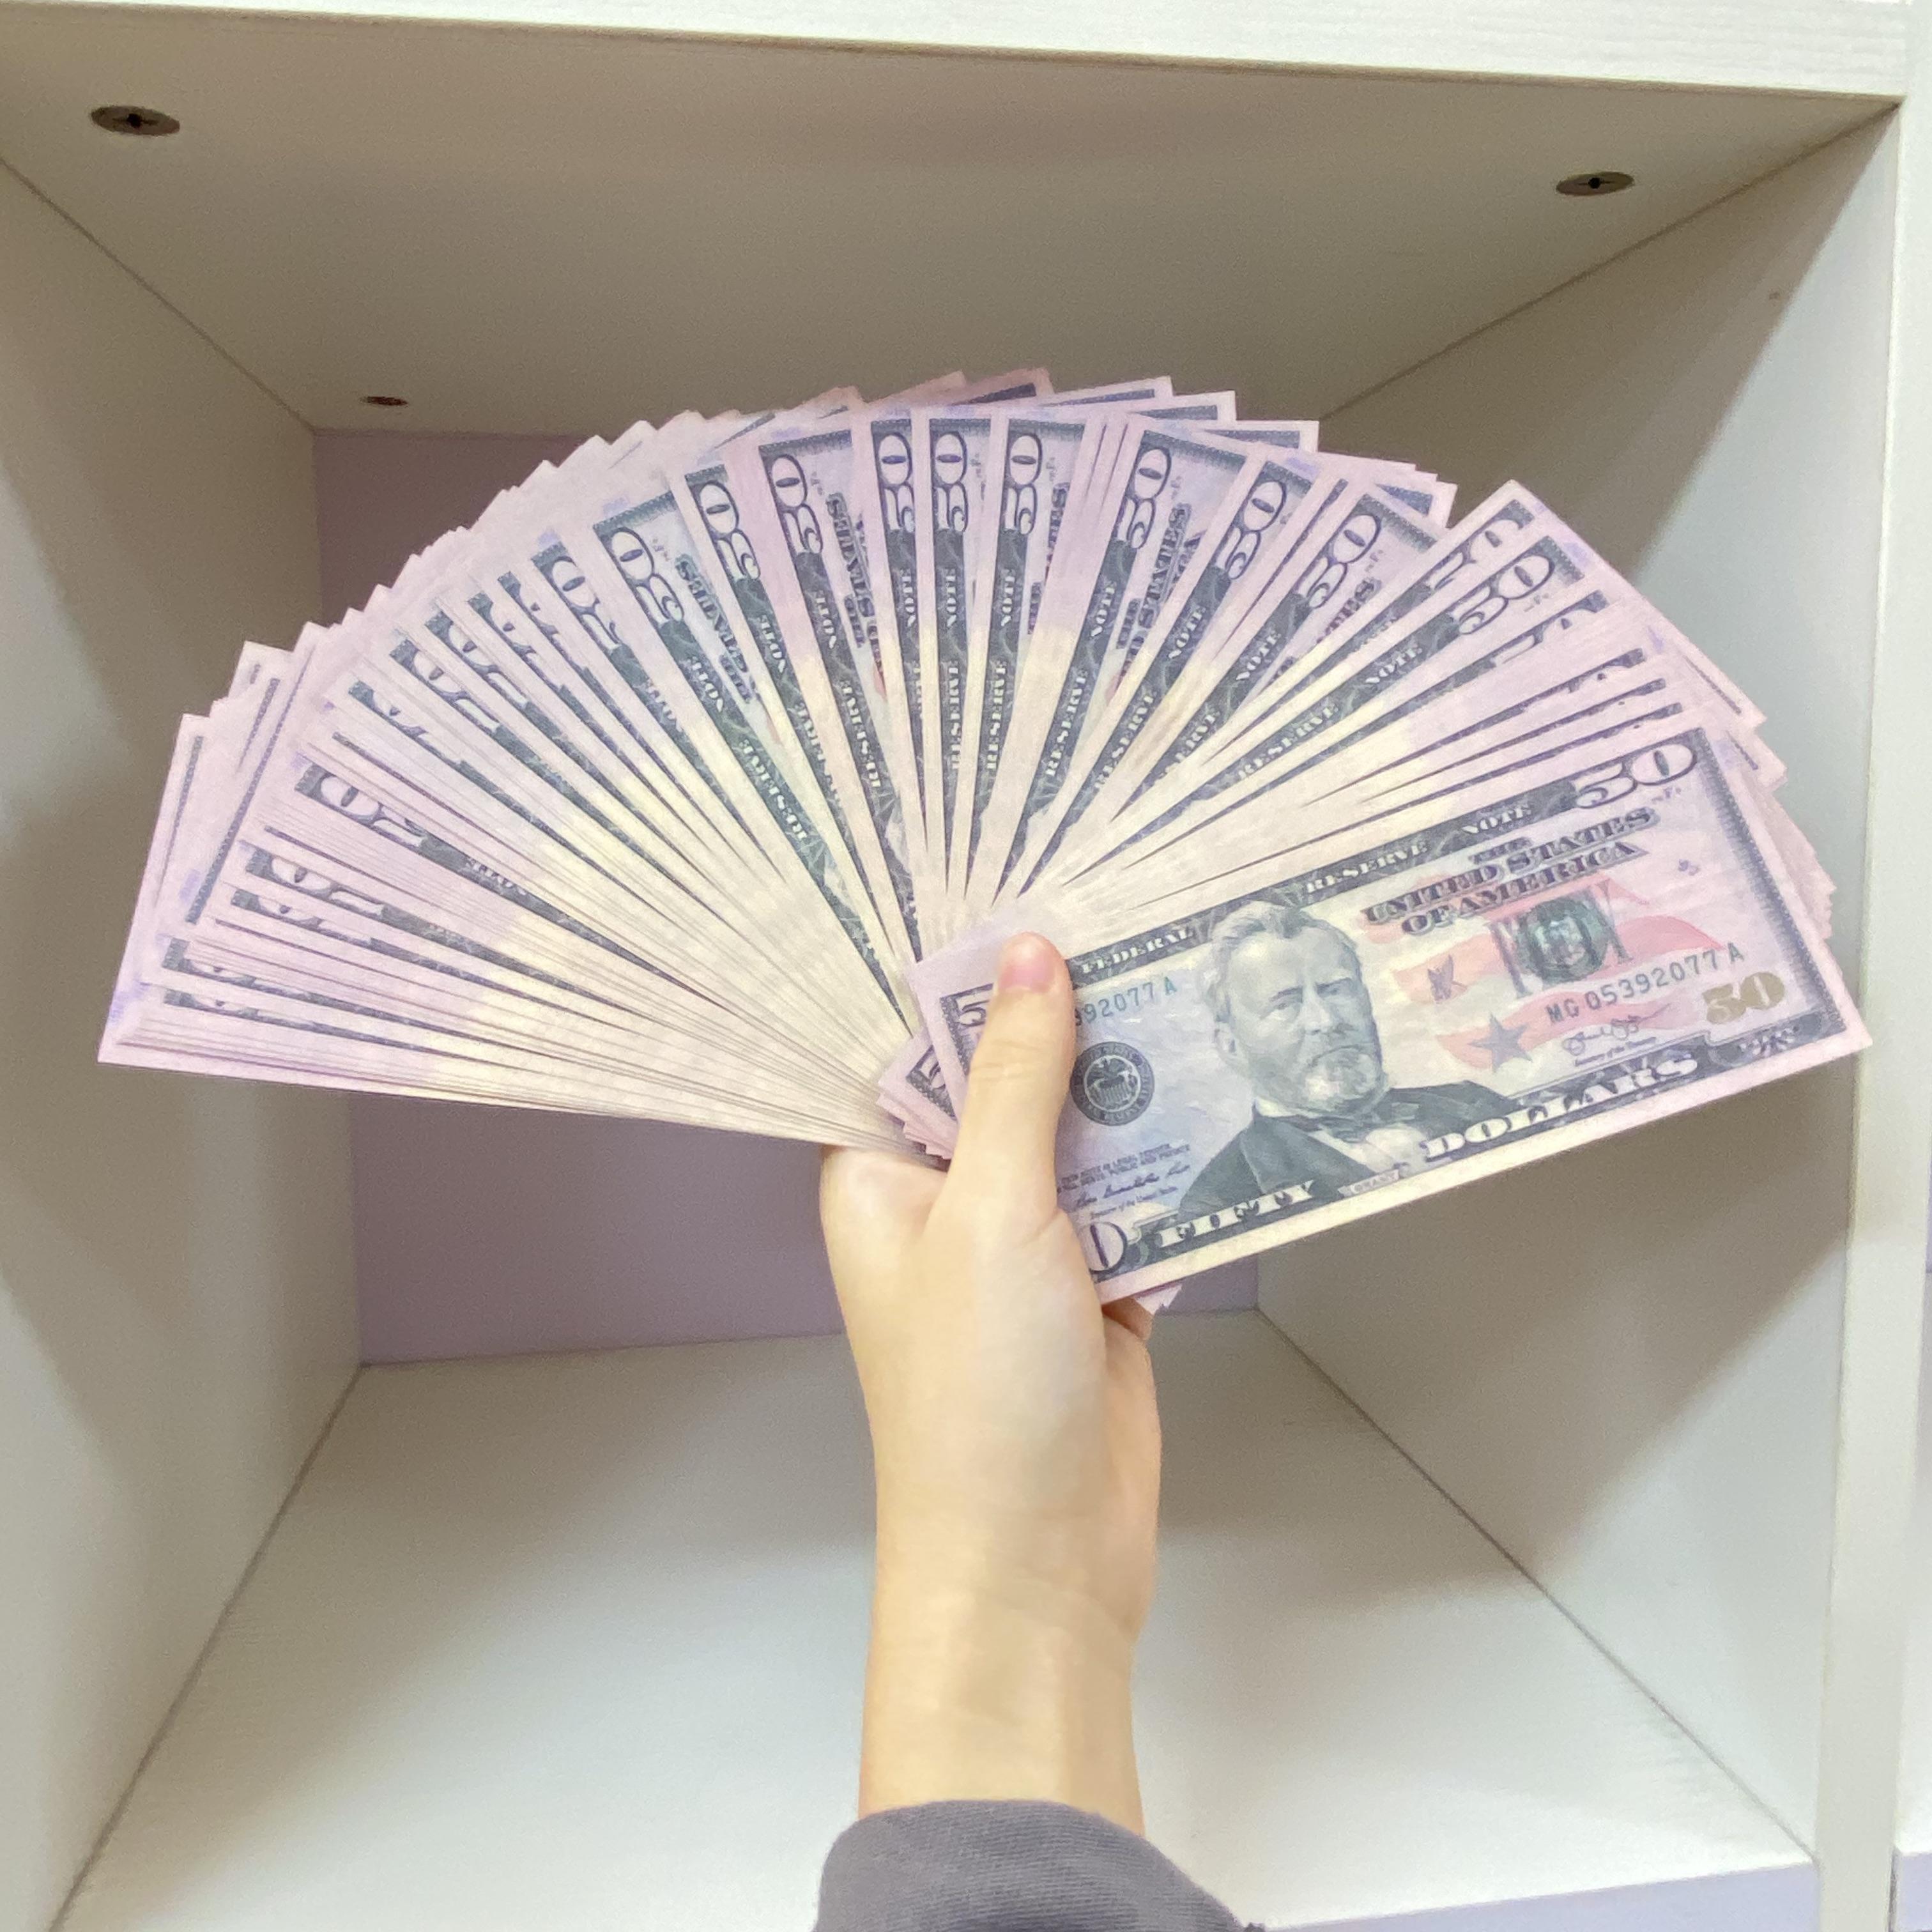 Oyunların Para Birimi Çocuk ABD Partisi Doları Oyuncaklar ABD AOTJW AA2 Banknotlar 100 Sahte Adet / Paket Hızlı Teslimat Etib